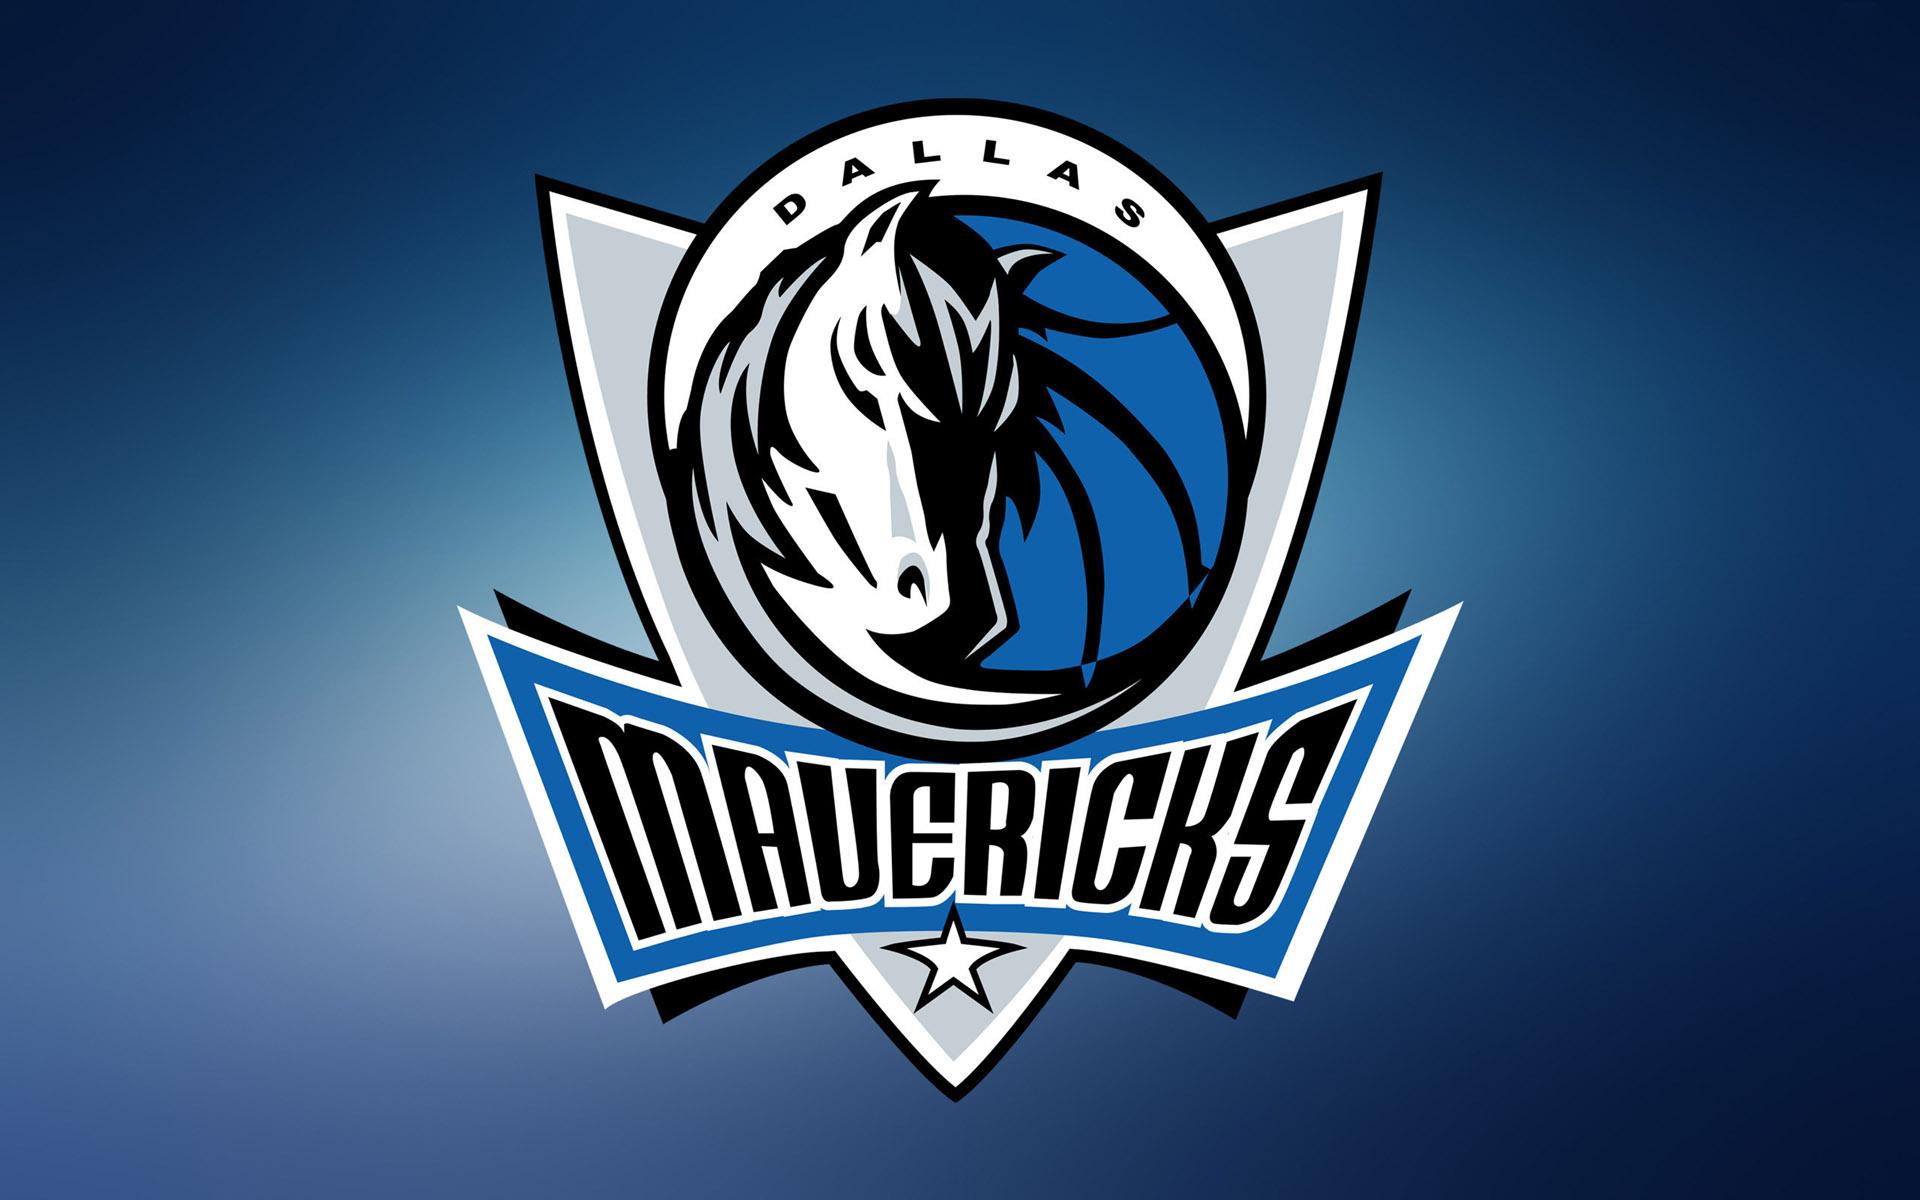 [41+] Dallas Mavericks HD Wallpaper on WallpaperSafari |Dallas Mavericks Wallpapers